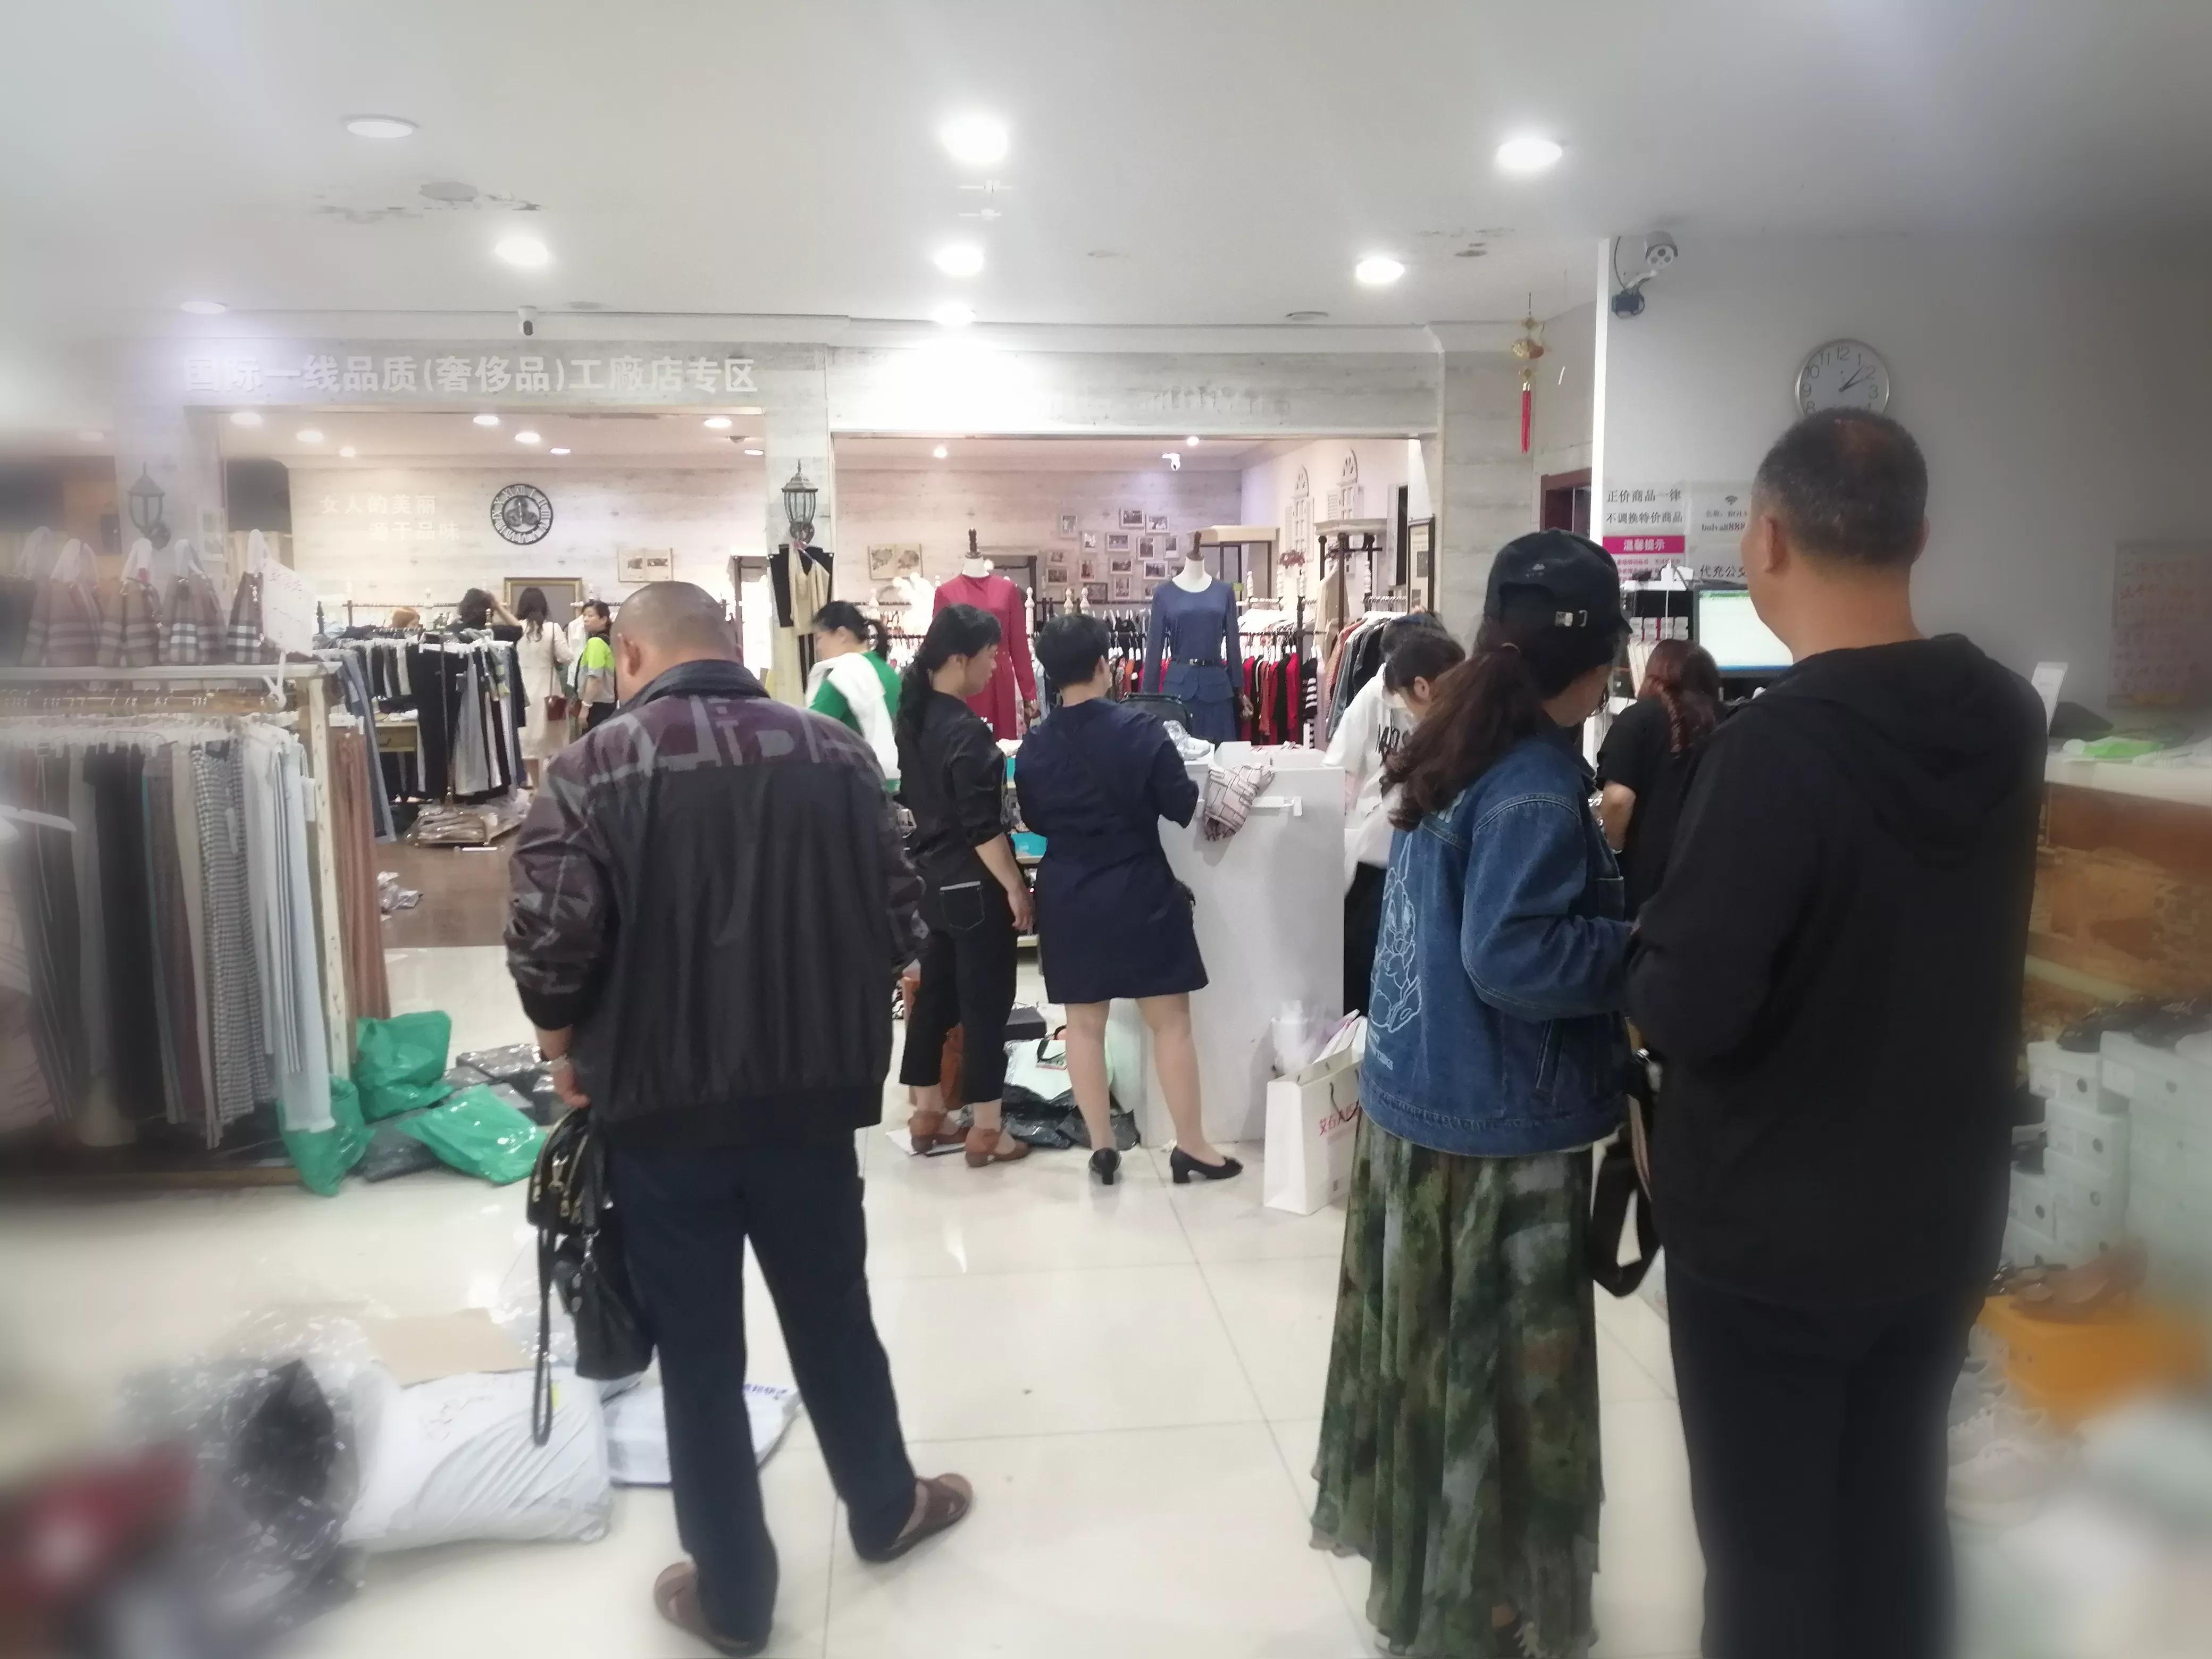 合肥仓储店模式悄然兴起,品牌服装比网店低,客流如潮